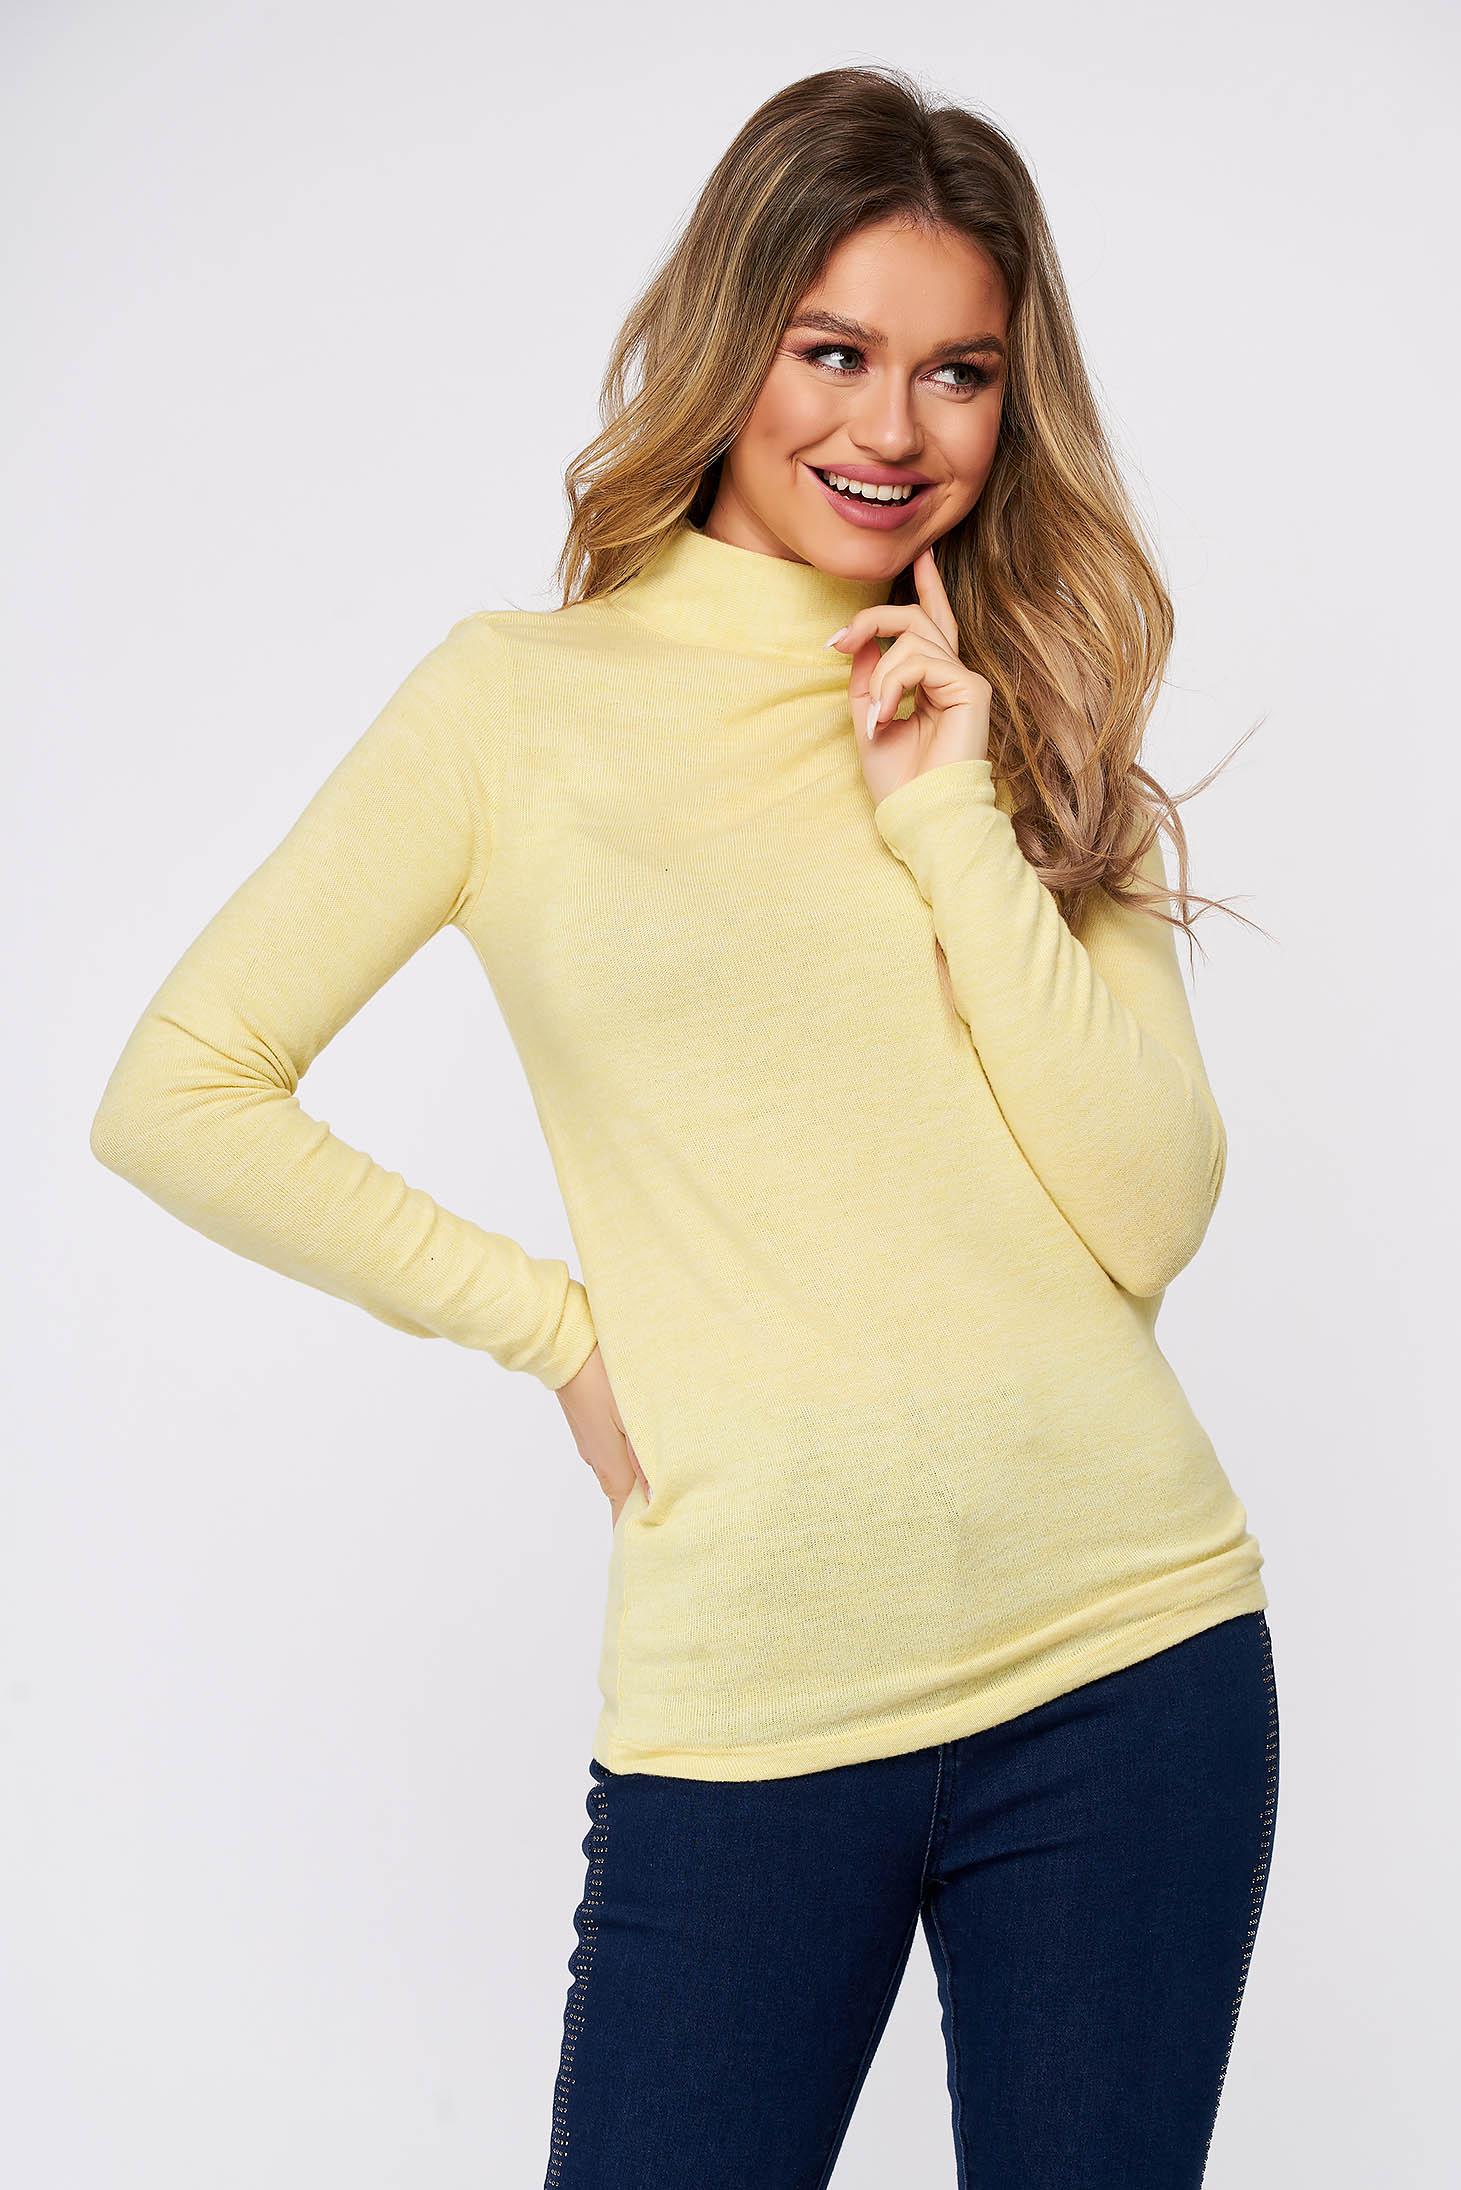 Sárga női blúz pamutból készült magas nyakú rugalmas és finom anyagból készült finom tapintásu anyagból